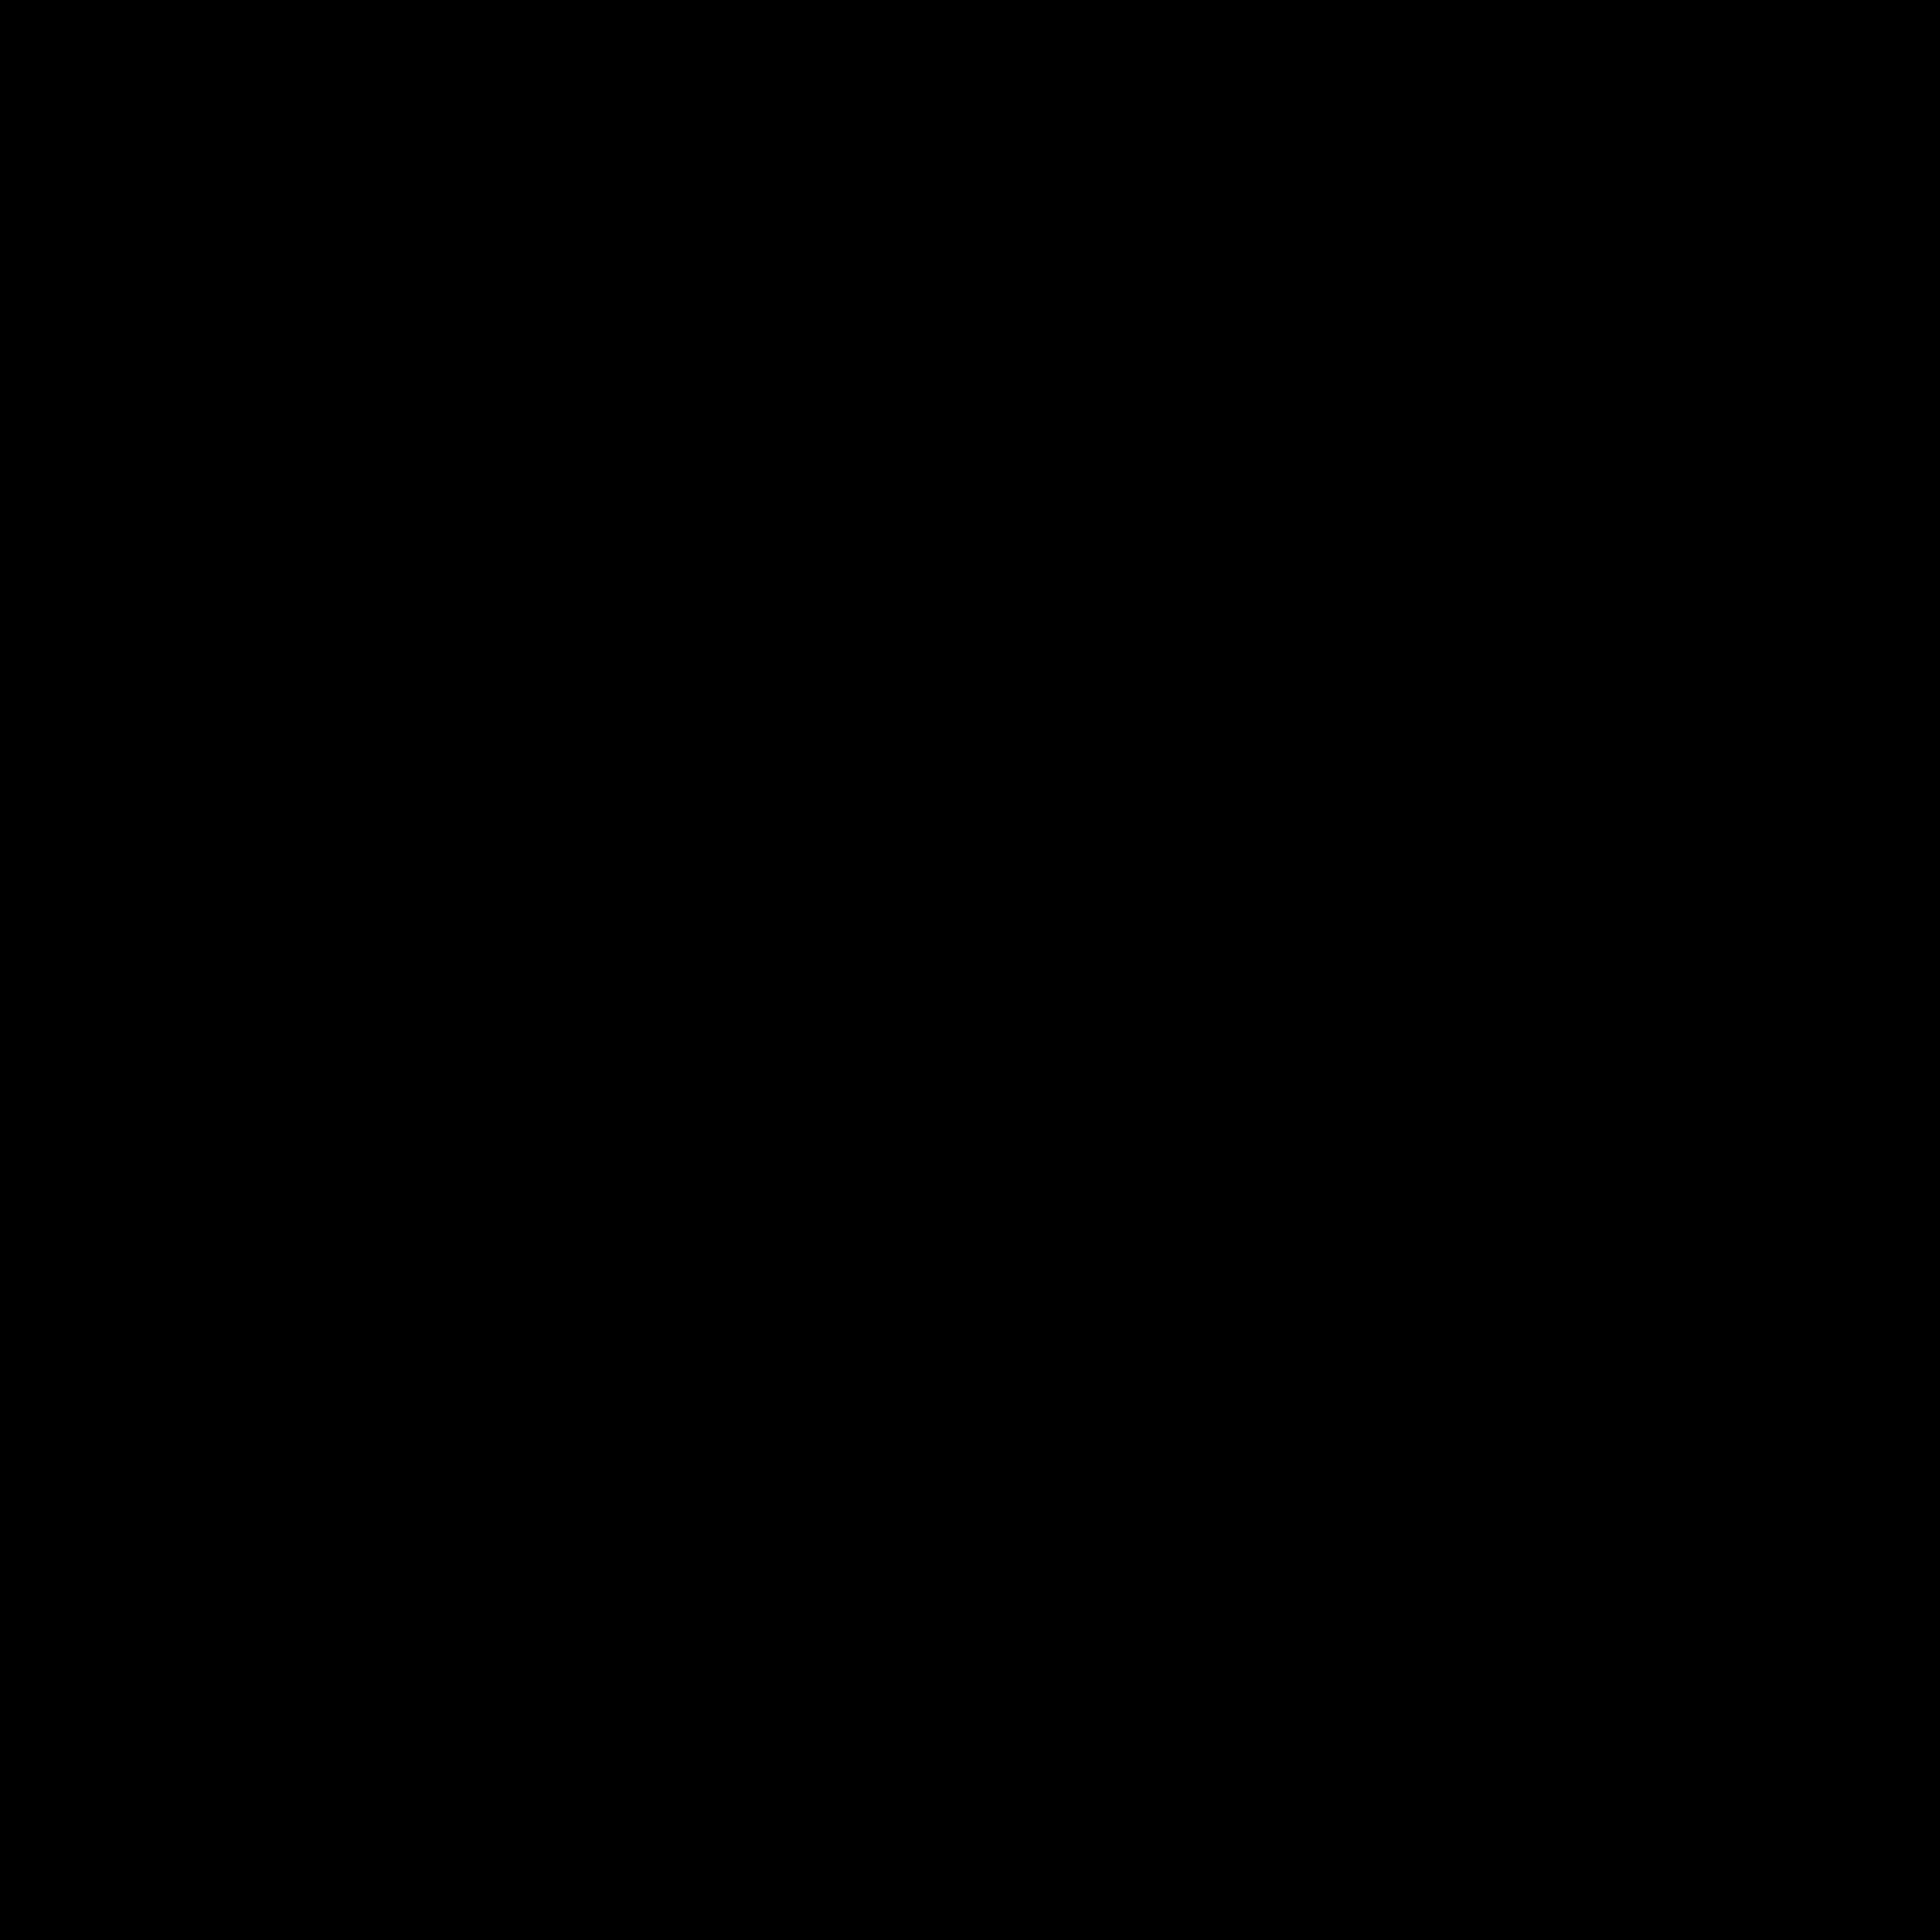 6er Satz gustavianische Lindome um 1800